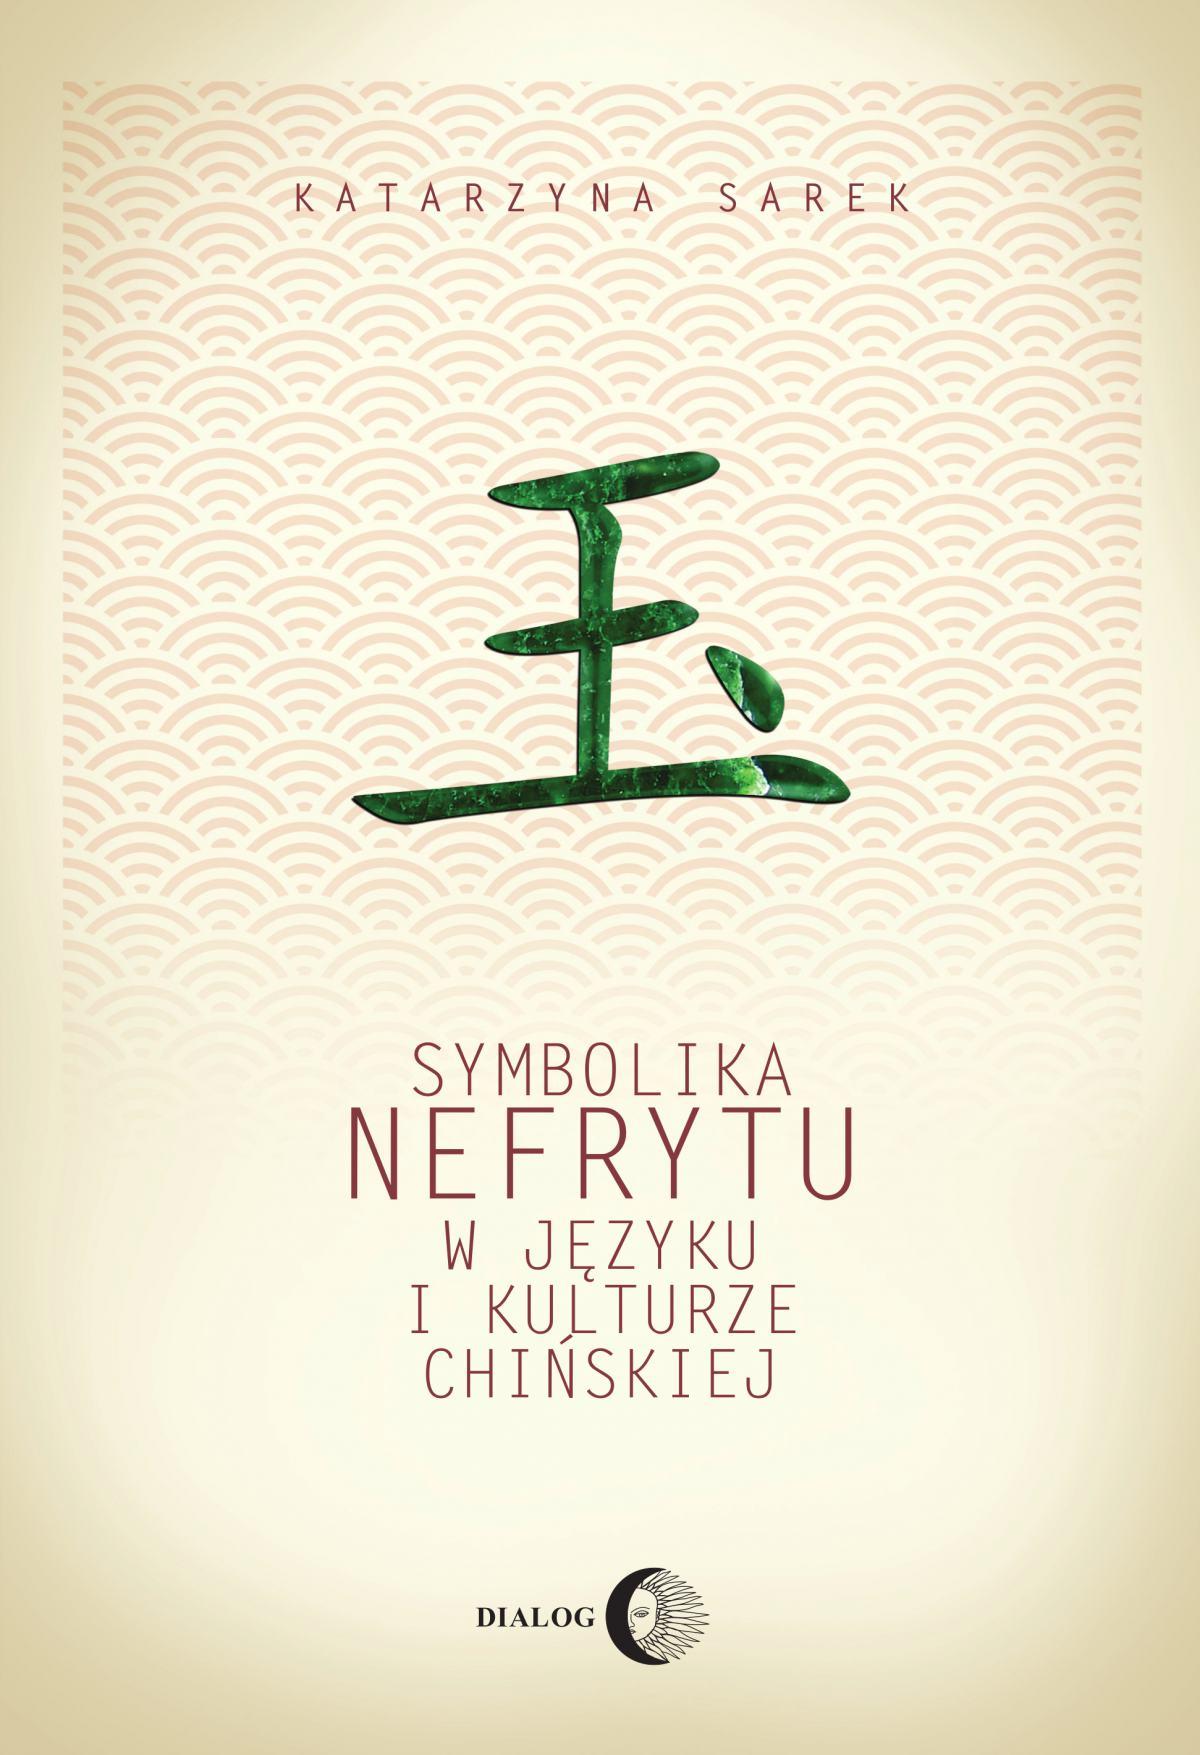 Symbolika nefrytu w języku i kulturze chińskiej - Ebook (Książka EPUB) do pobrania w formacie EPUB